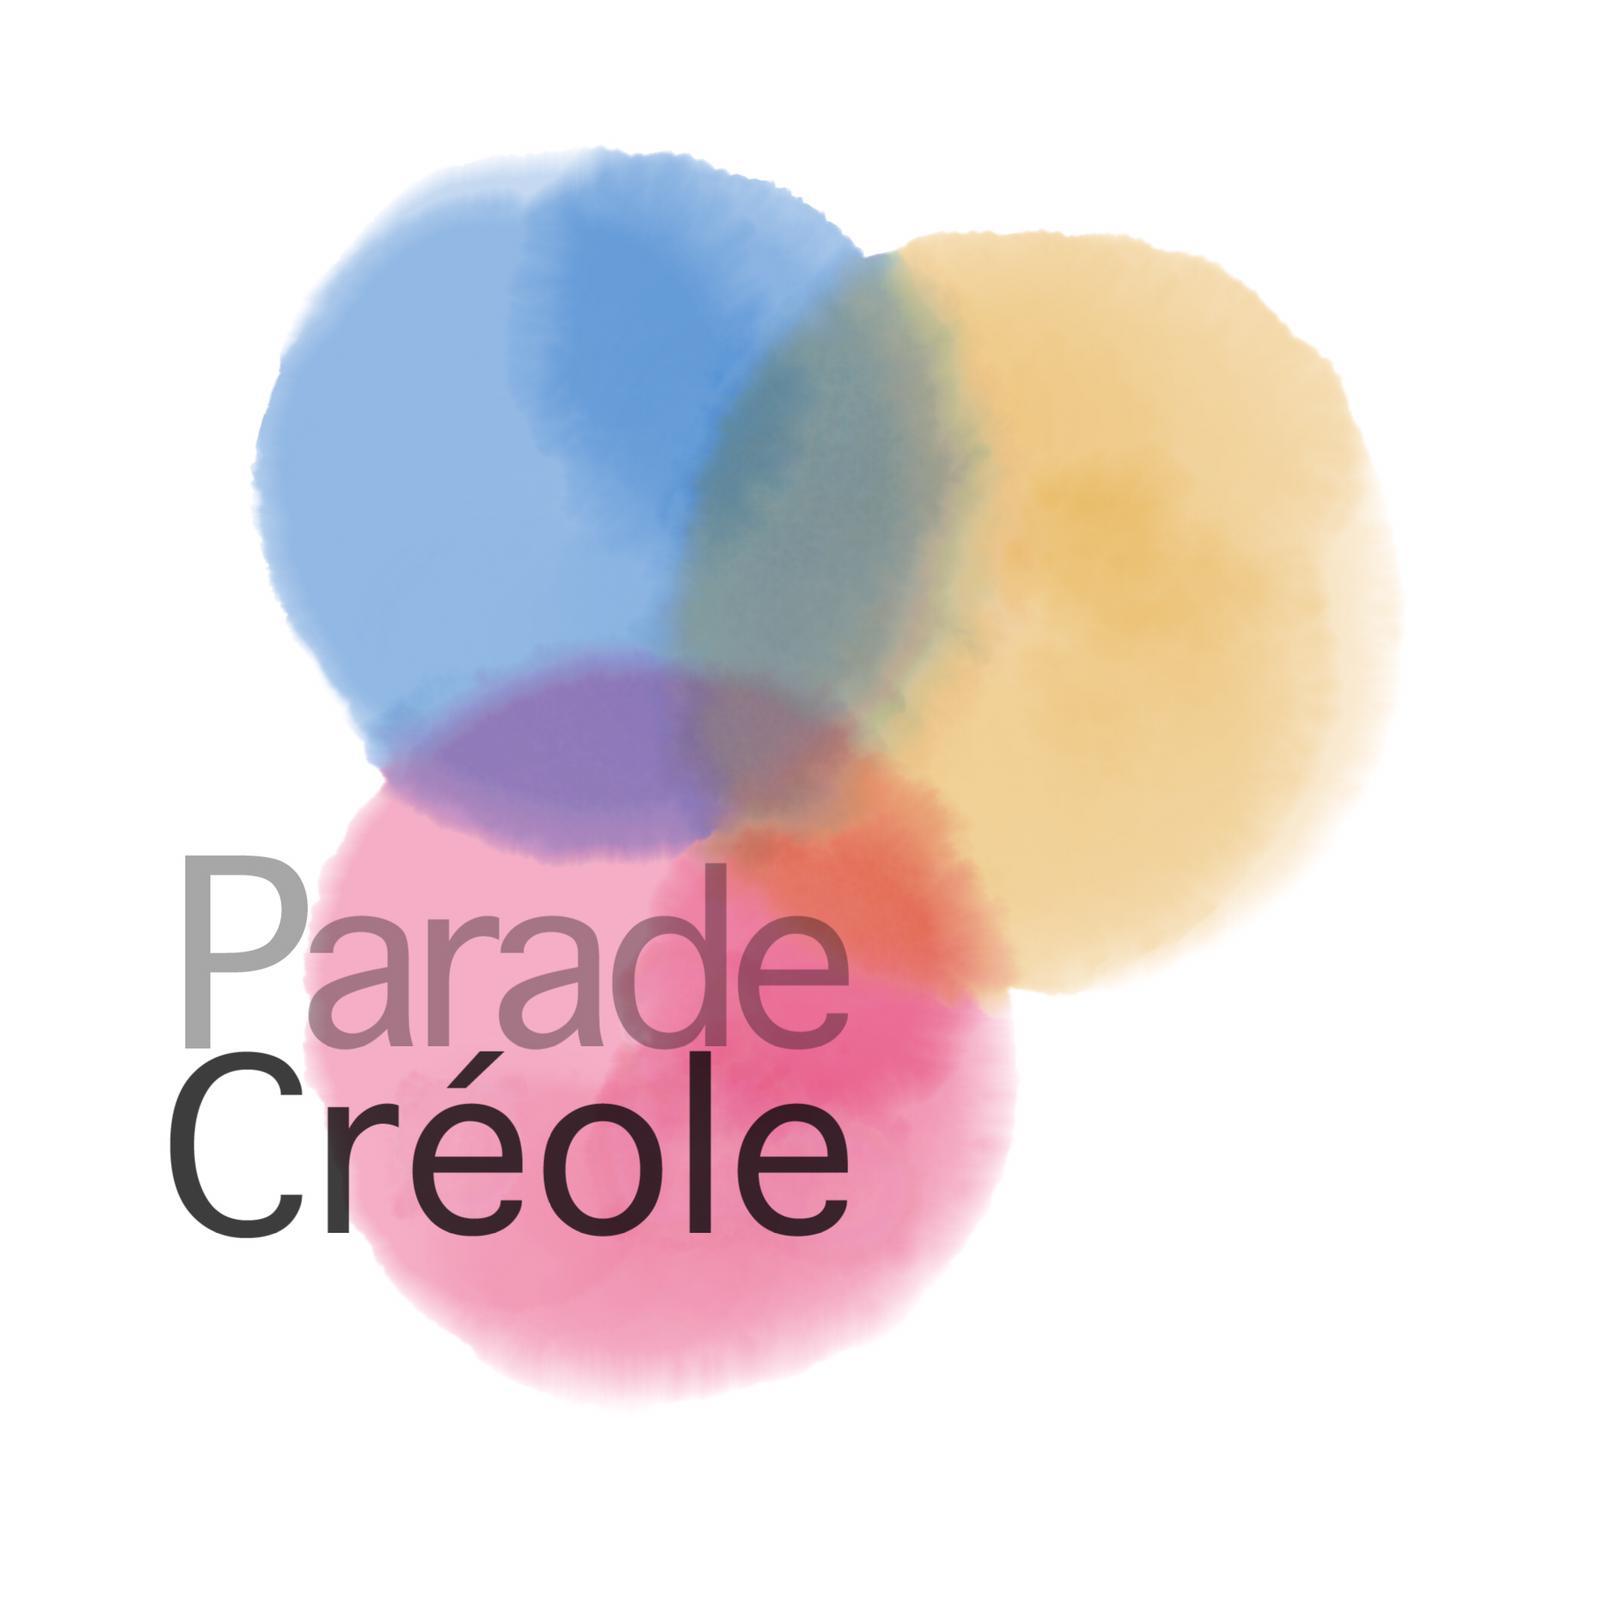 paradecreole.com